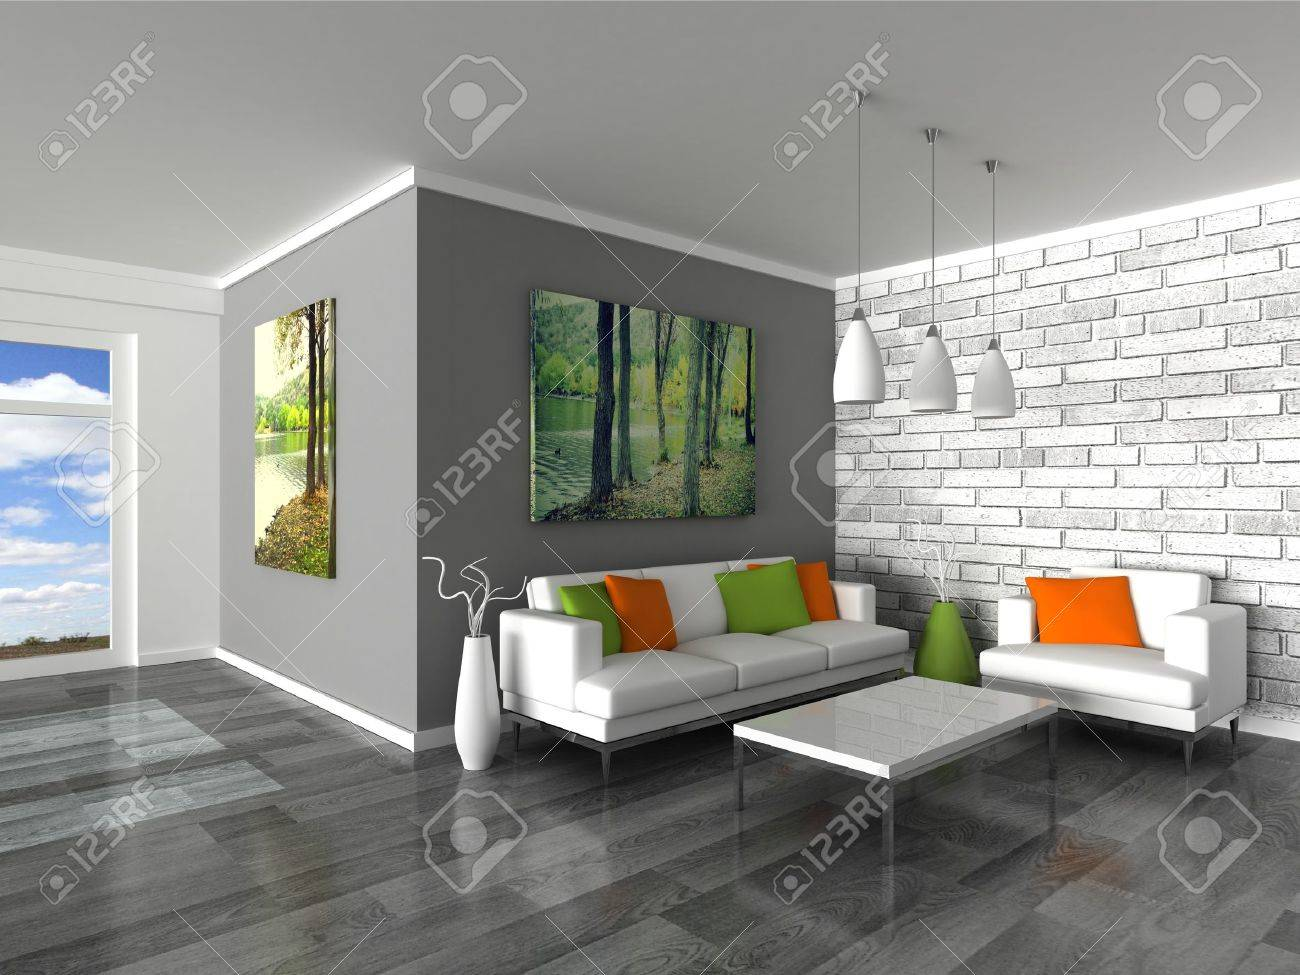 Genial Banque Du0027images   Intérieur Des Canapés De Mur Noir Et Blanc De Chambre  Moderne, Gris